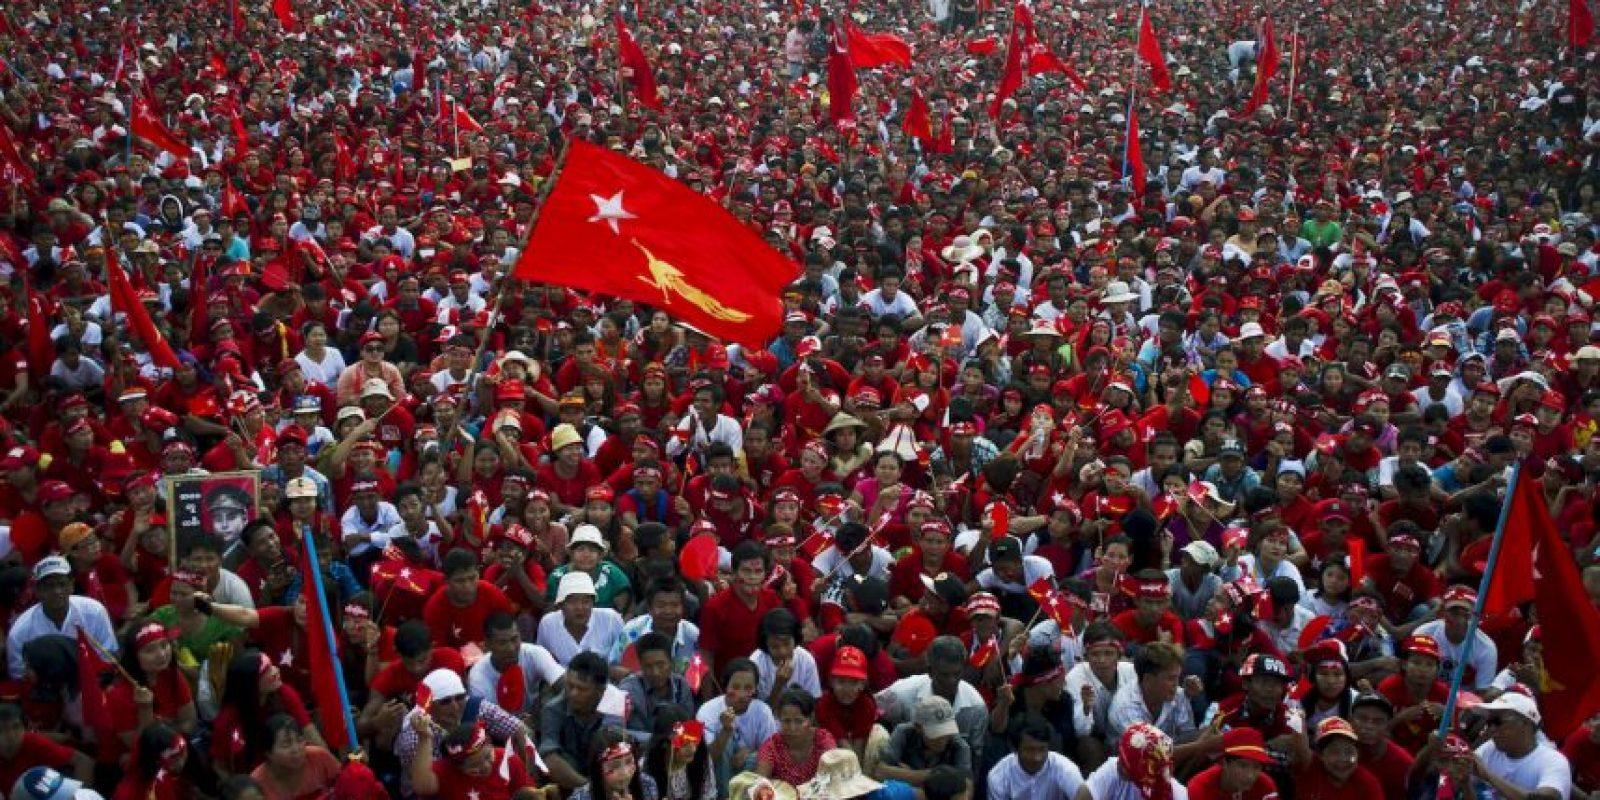 Partidarios de la líder de la oposición de Myanmar Aung San Suu Kyi durante evento de campaña. Foto:AFP